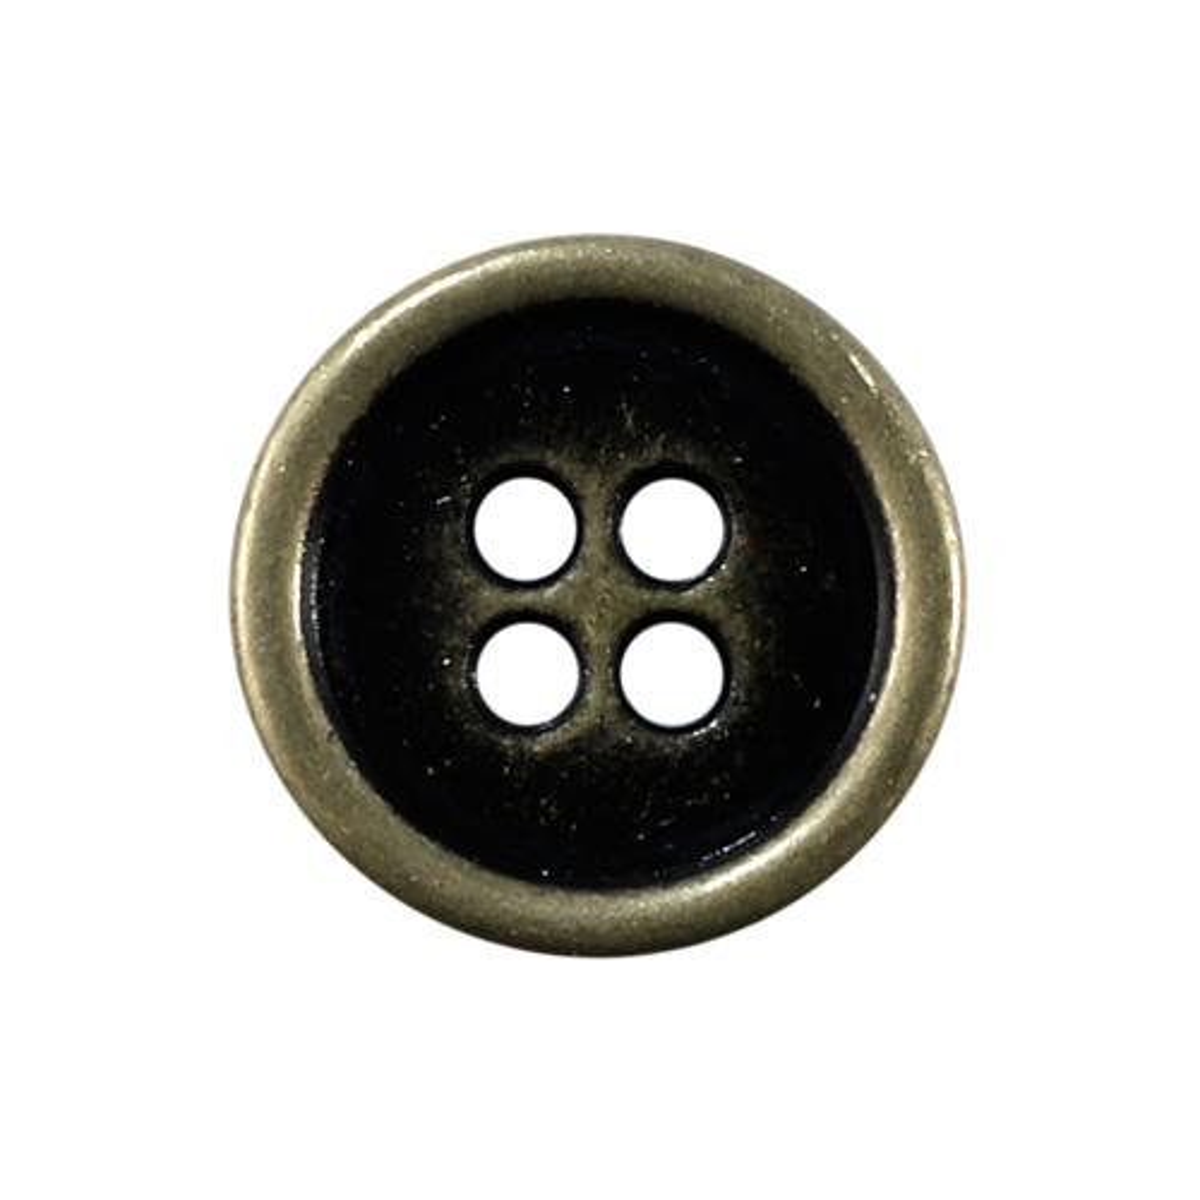 53732/4 Пуговица д-15мм лат. ГР